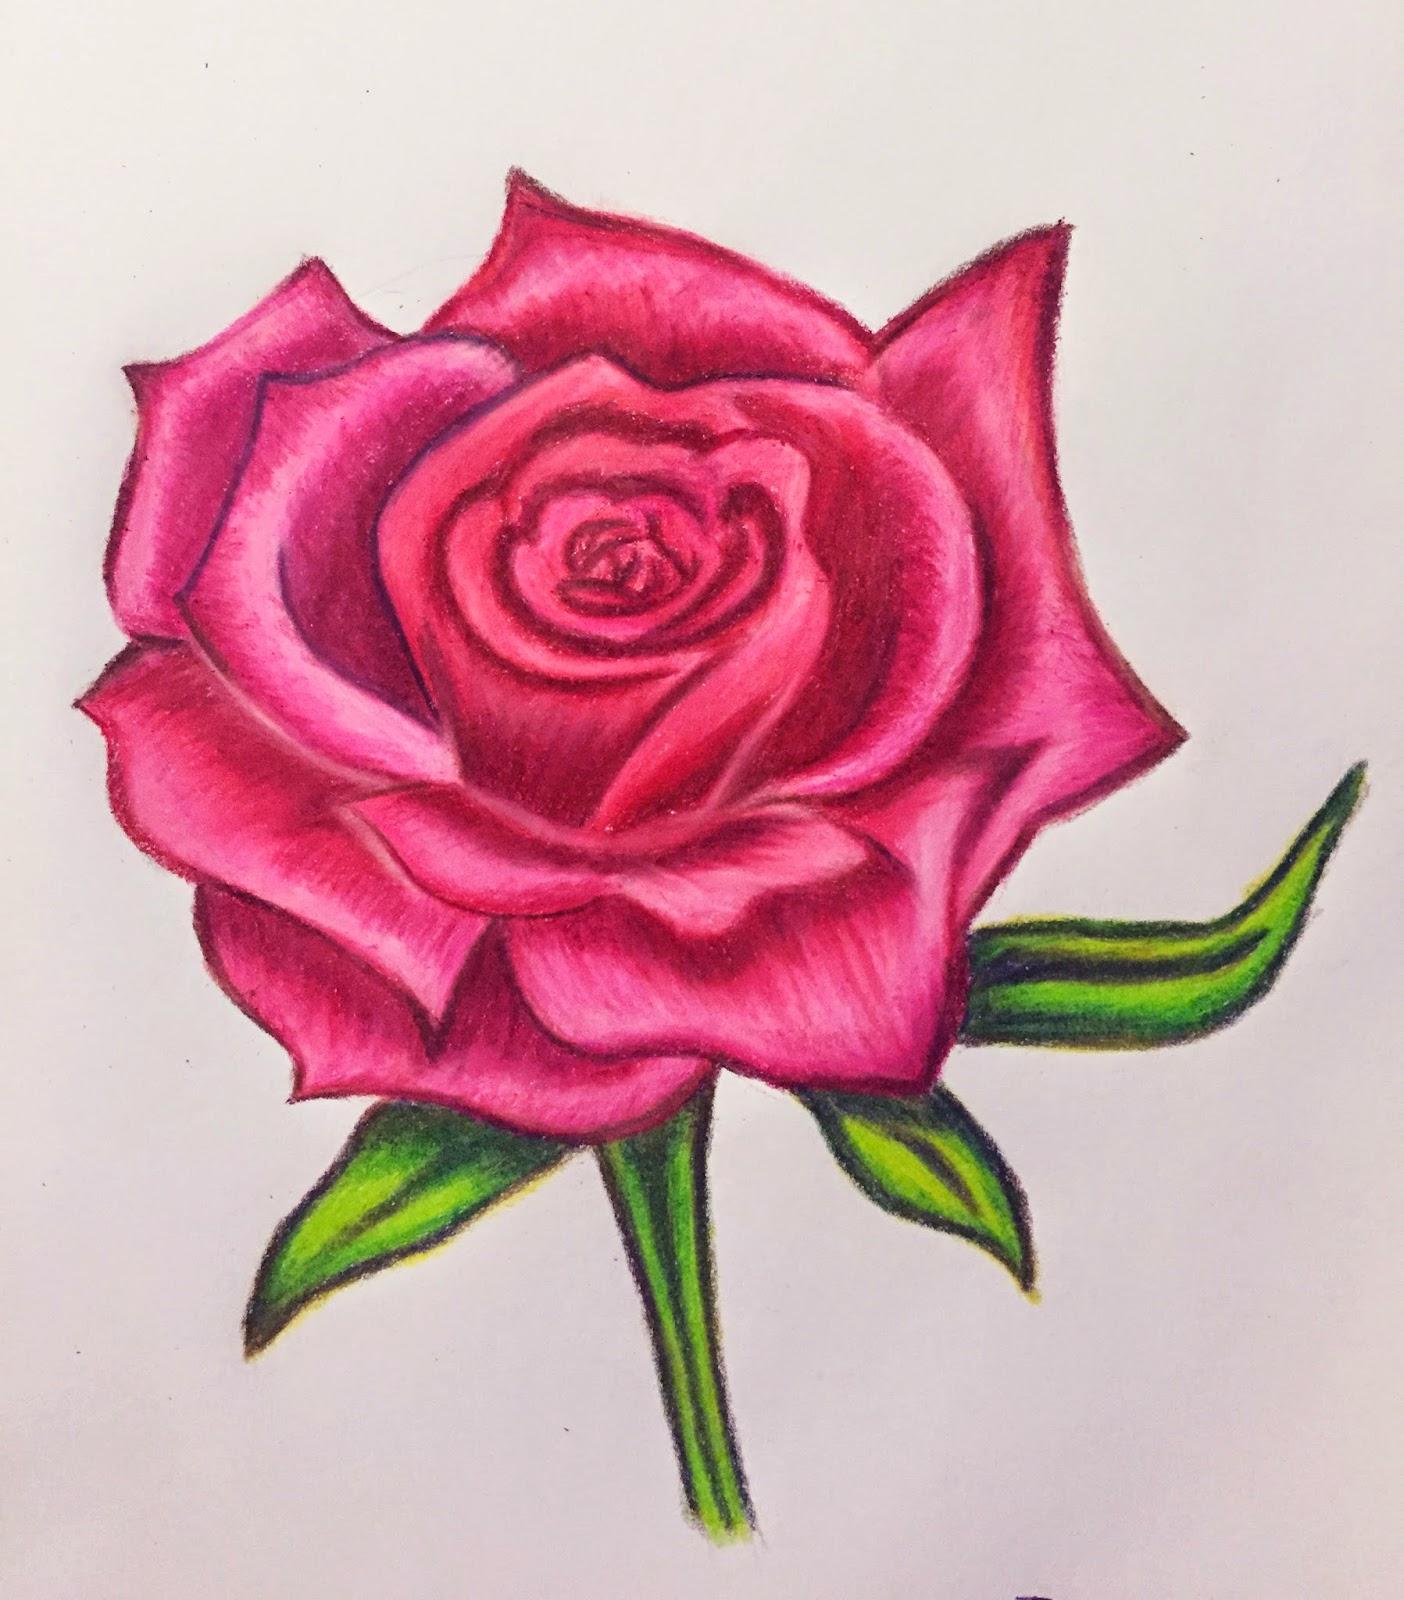 Tranh vẽ hoa hồng bằng bút chì màu hình ảnh đẹp nhất